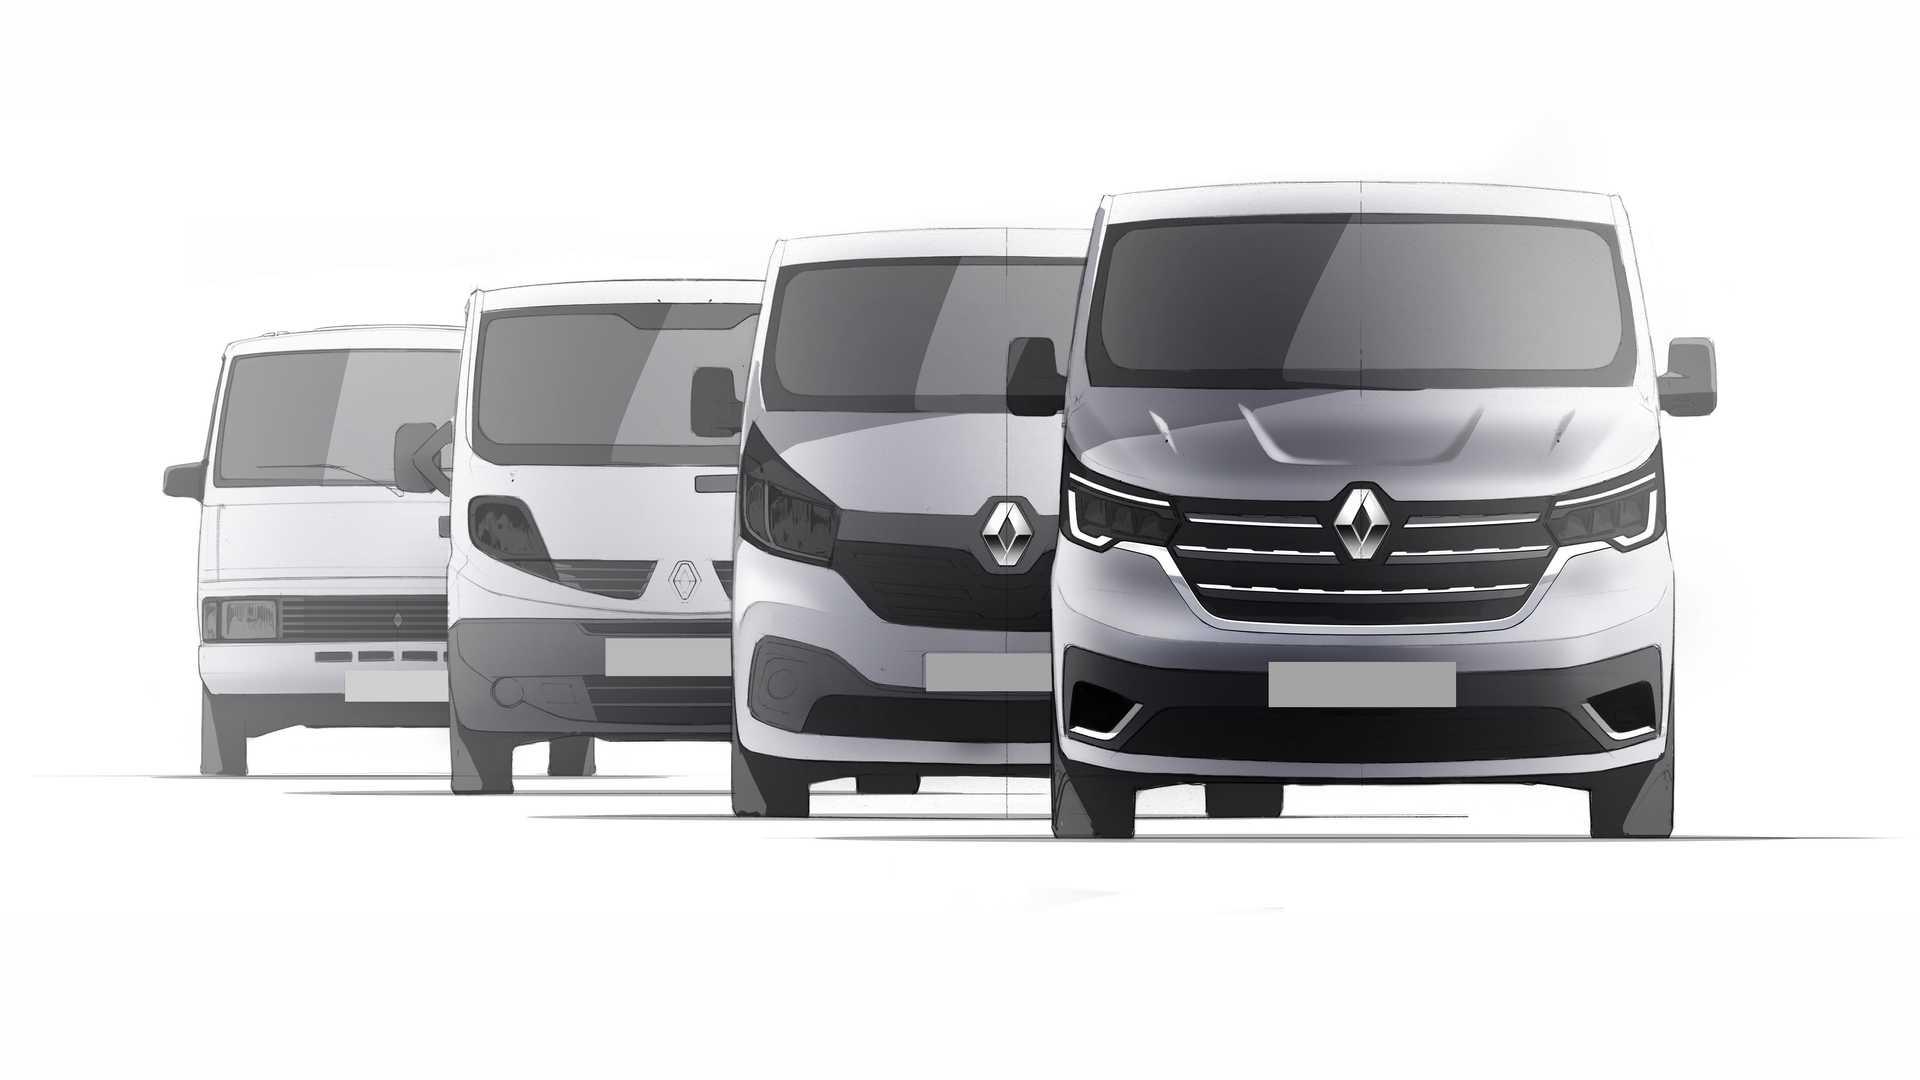 2020-renault-trafic-facelift-sketch